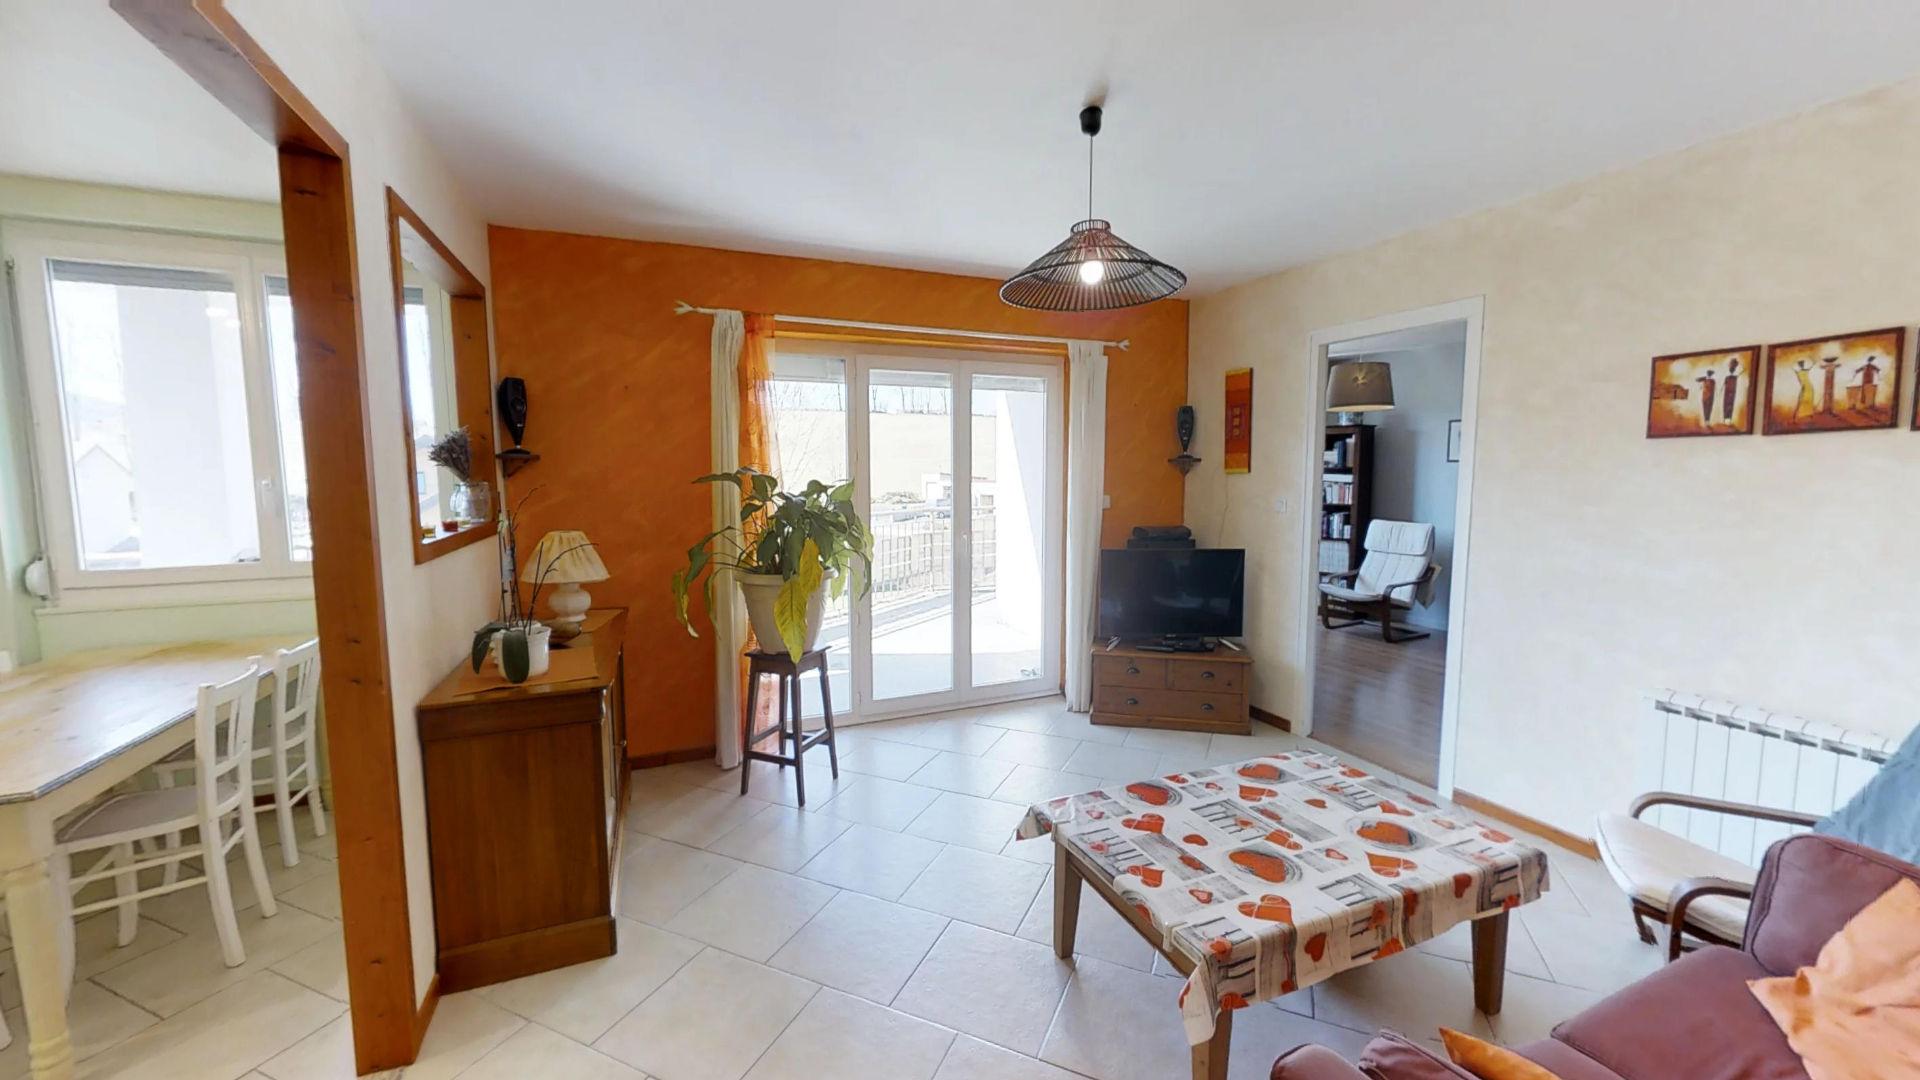 appartement 126m²  ARCON  - photo 1